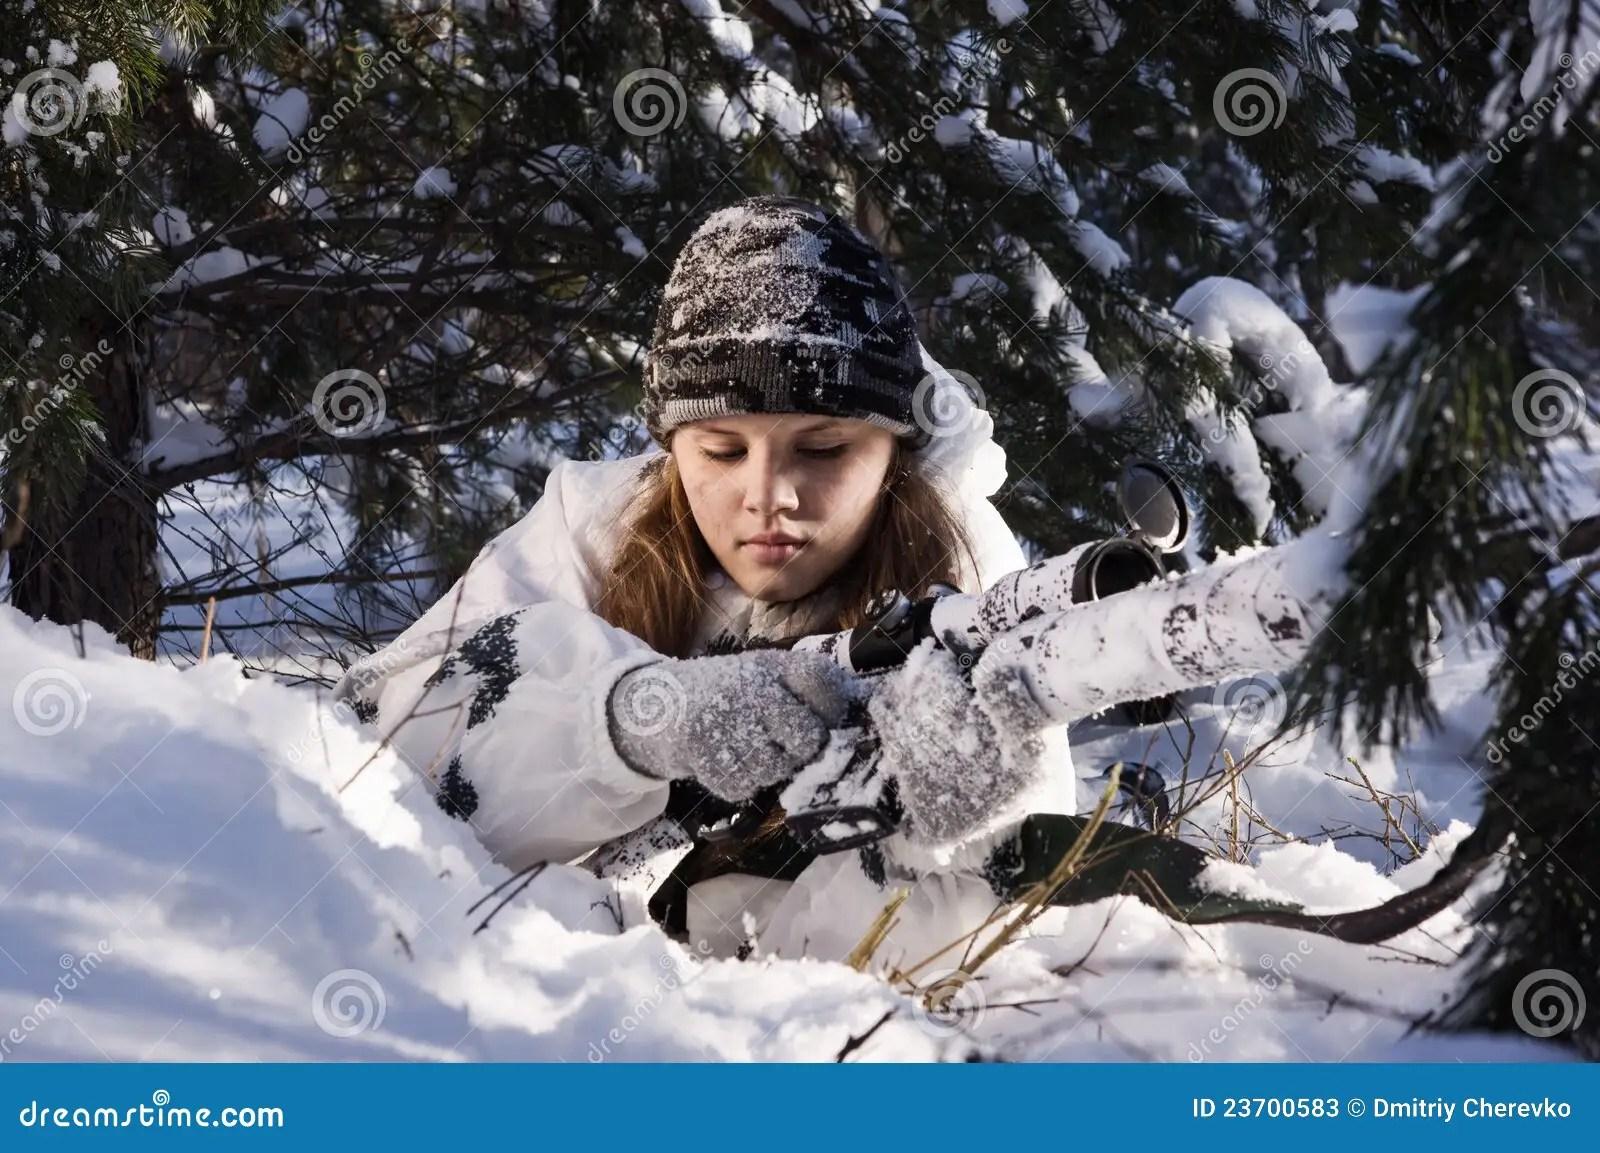 Beautiful Girl With Gun Wallpaper Sniper Girl Stock Photos Image 23700583